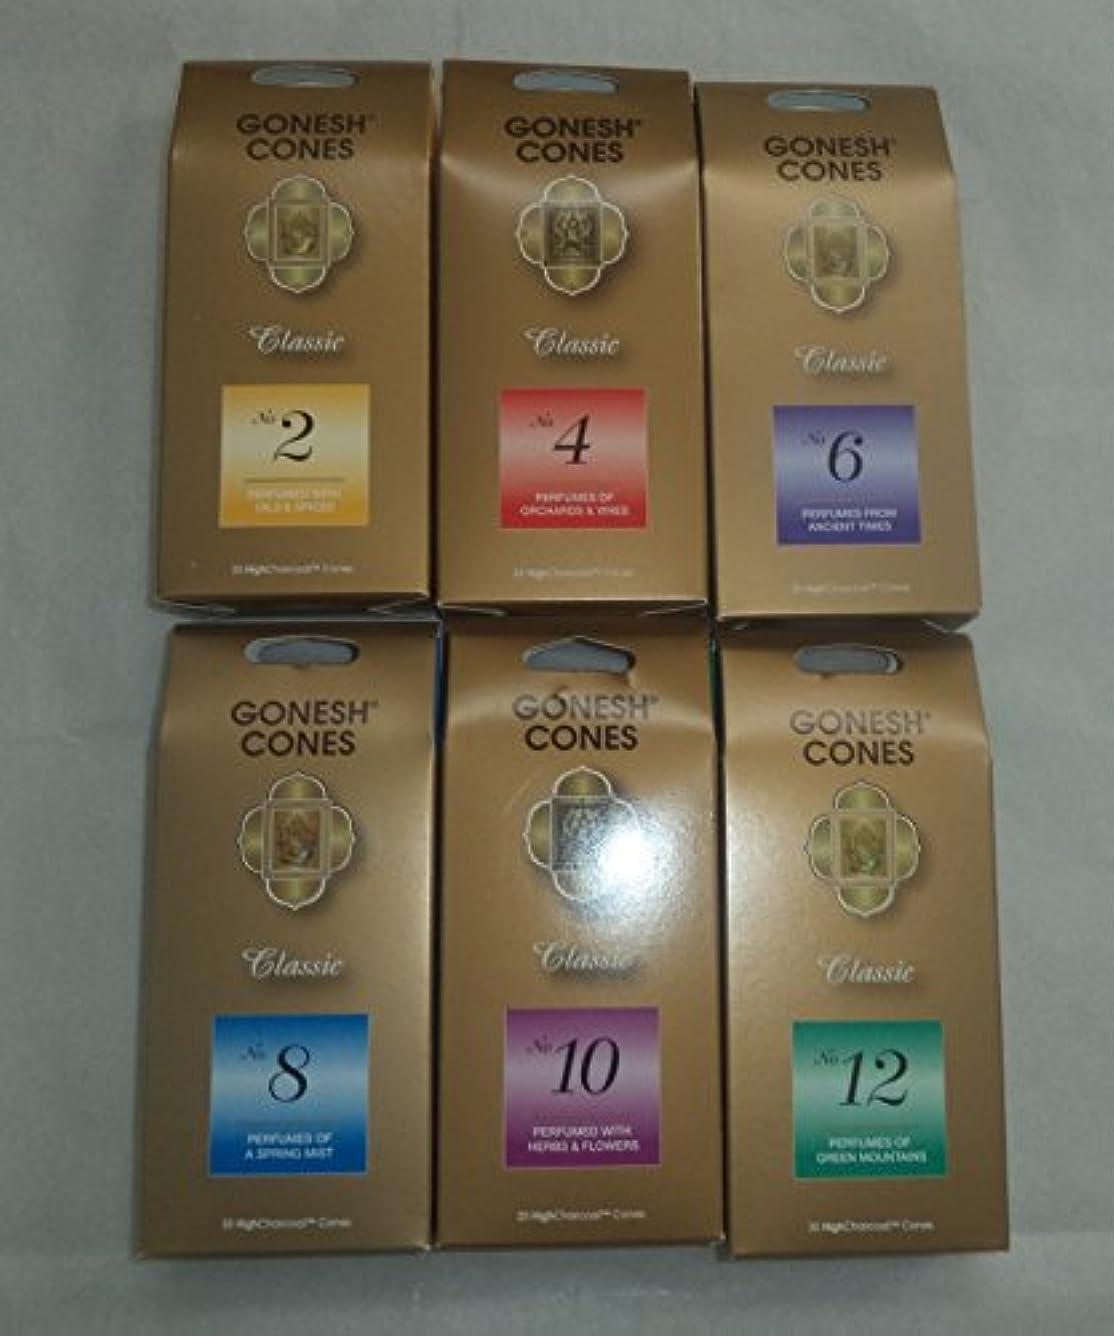 アイドル真実バンジージャンプGonesh 2 4 6 8 10 12 Incenseサンプラー25 Cones x 6パック( 150円錐)